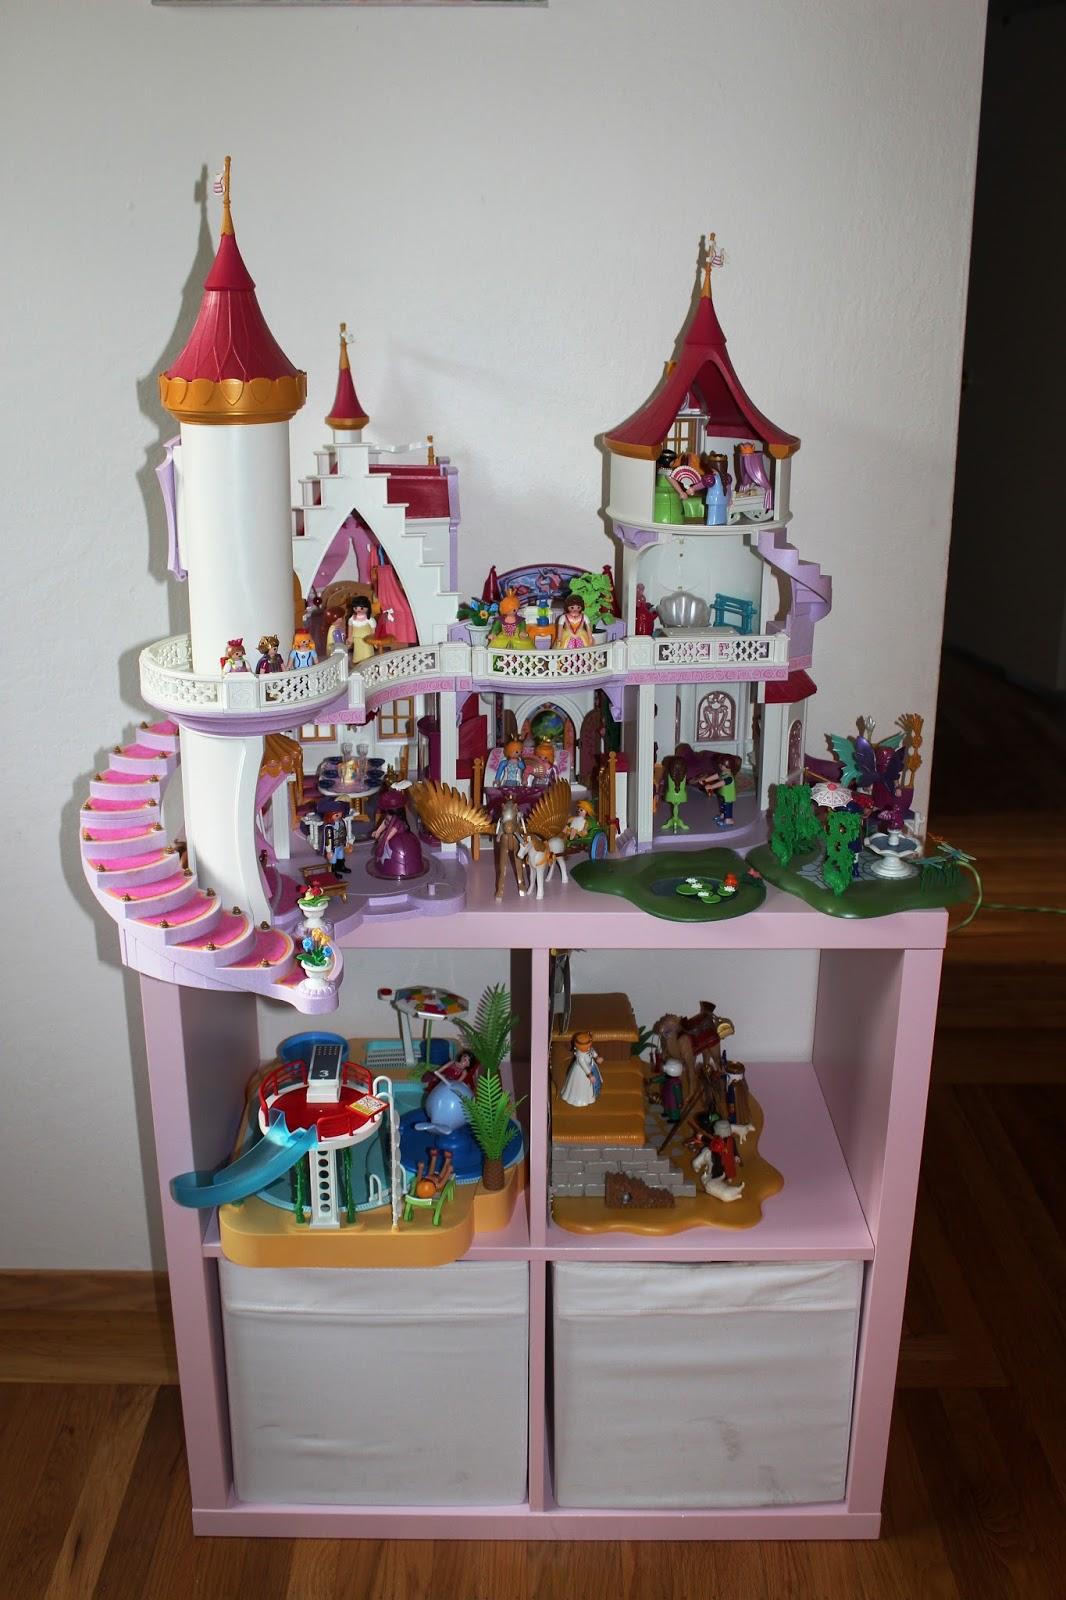 chateau de princesse playmobil excellent lot playmobil pieces chateau princesse decor caleche. Black Bedroom Furniture Sets. Home Design Ideas